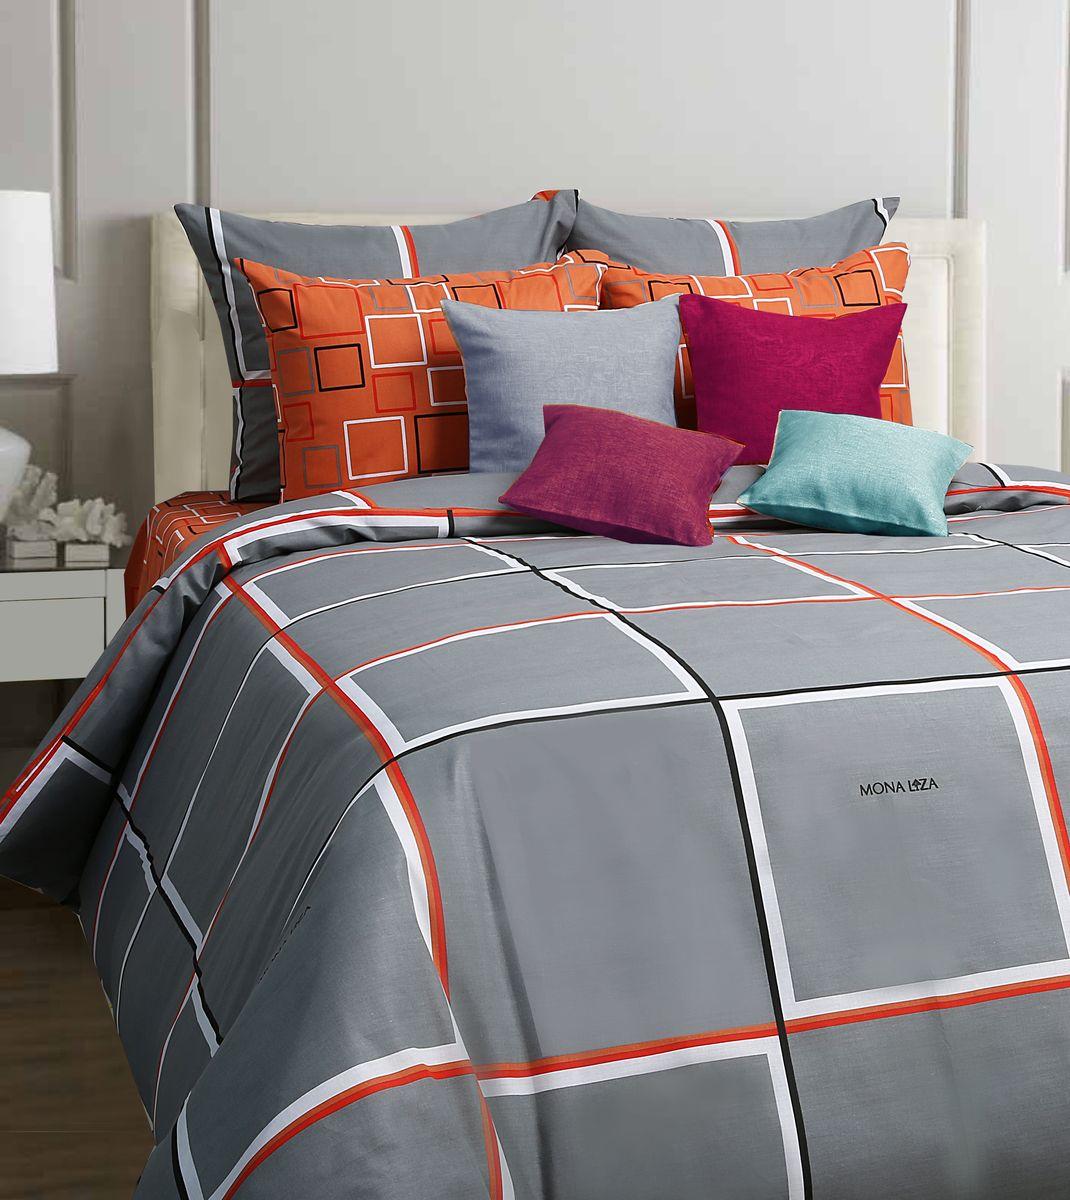 Комплект белья Mona Liza Jack, 2-спальное, наволочки 70x70CA-3505Комплект постельного белья Mona Liza Jack, выполненный из бязи (100% хлопок), состоит из пододеяльника, простыни и двух наволочек. Изделия оформлены оригинальным рисунком.Пододеяльник на пуговицах.Бязь - ткань полотняного переплетения с незначительной сминаемостью, хорошо сохраняющая цвет при стирке, легкая, с прекрасными гигиеническими показателями. Такой комплект подойдет для любого стилевого и цветового решения интерьера, а также создаст в доме уют.